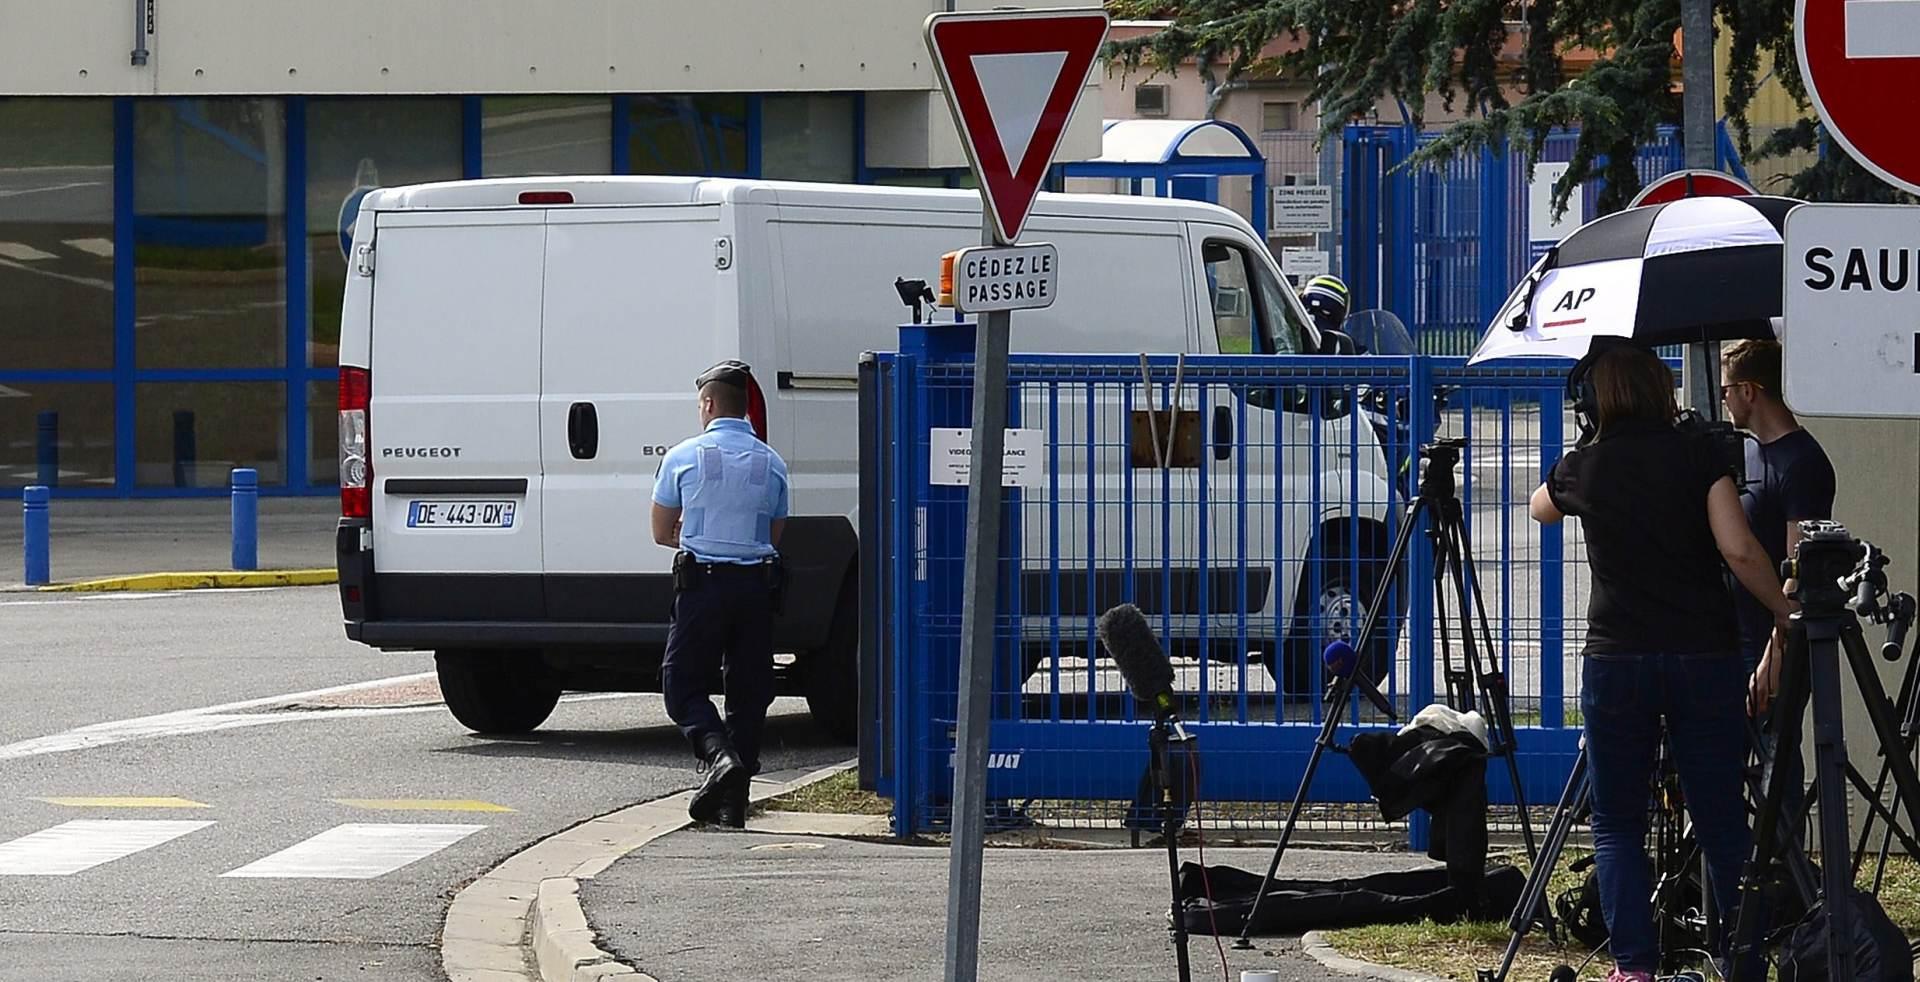 POTVRĐENO: Ostaci pronađeni na Reunionu pripadaju Boeingu 777